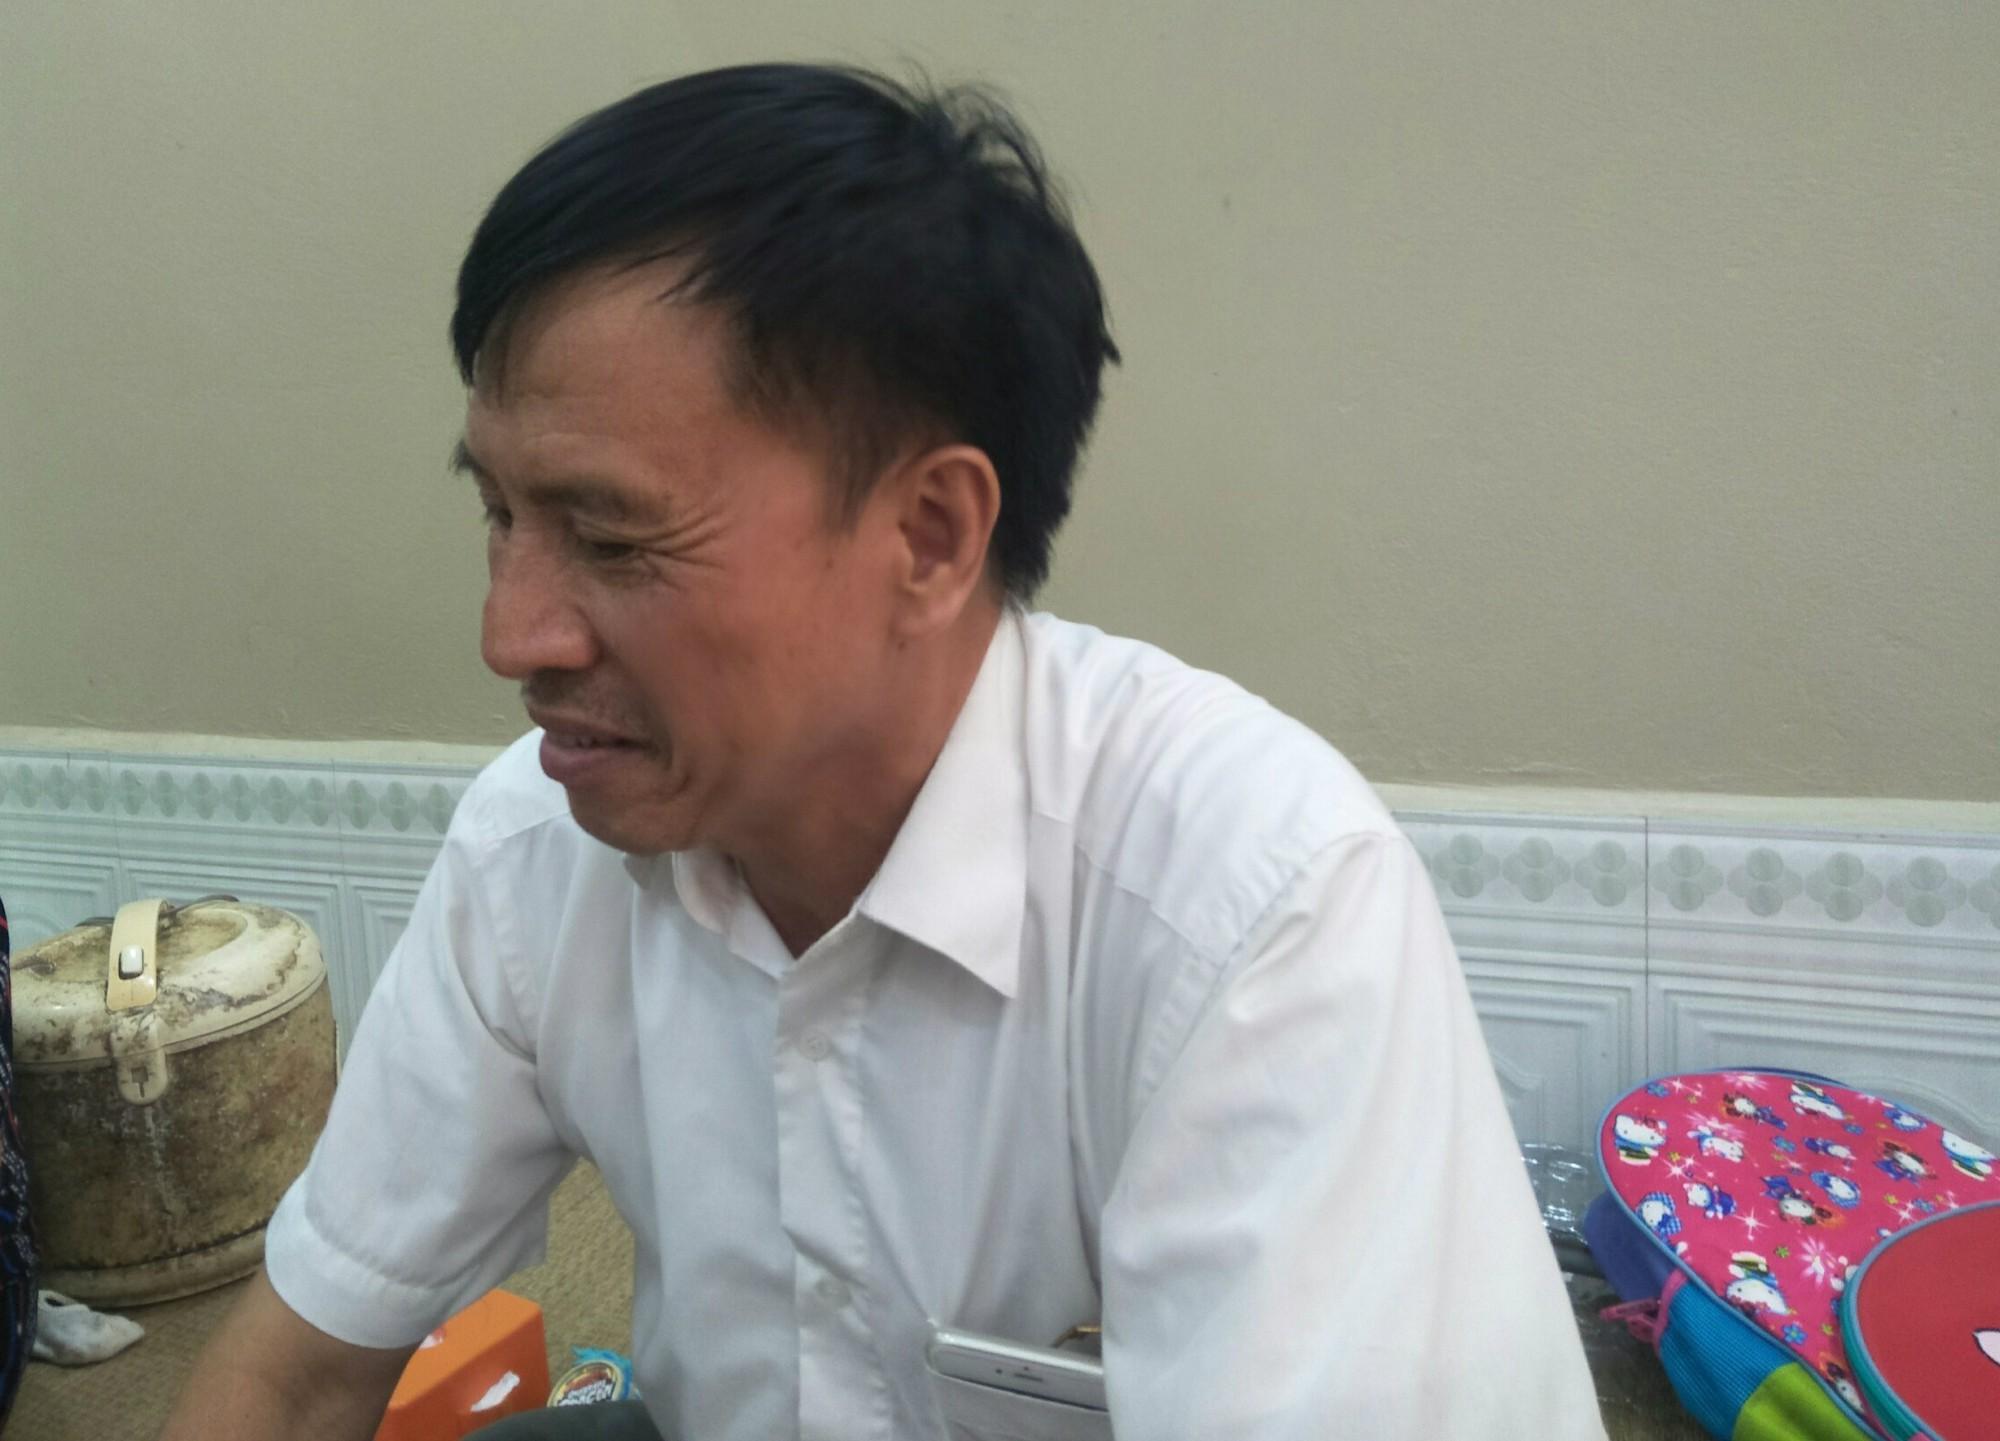 Vụ cụ bà bị chó cắn kinh hoàng ở Hà Nội: Chủ nhân của con chó là cháu ngoại của nạn nhân - Ảnh 2.